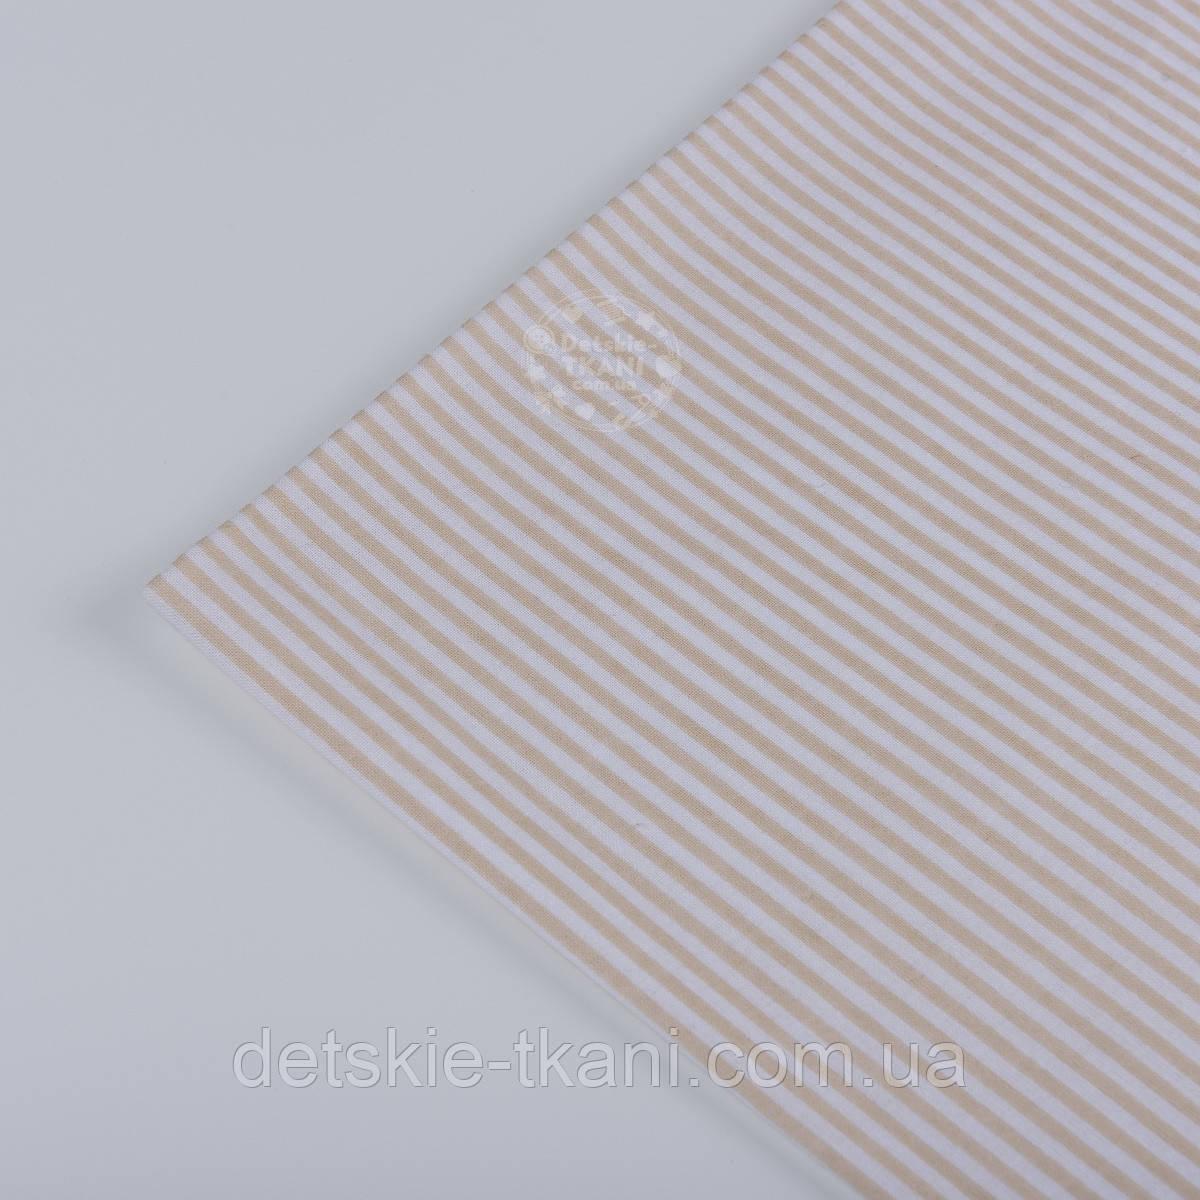 Отрез ткани №89а с мелкой светло-кофейной полосой, размер 88*160